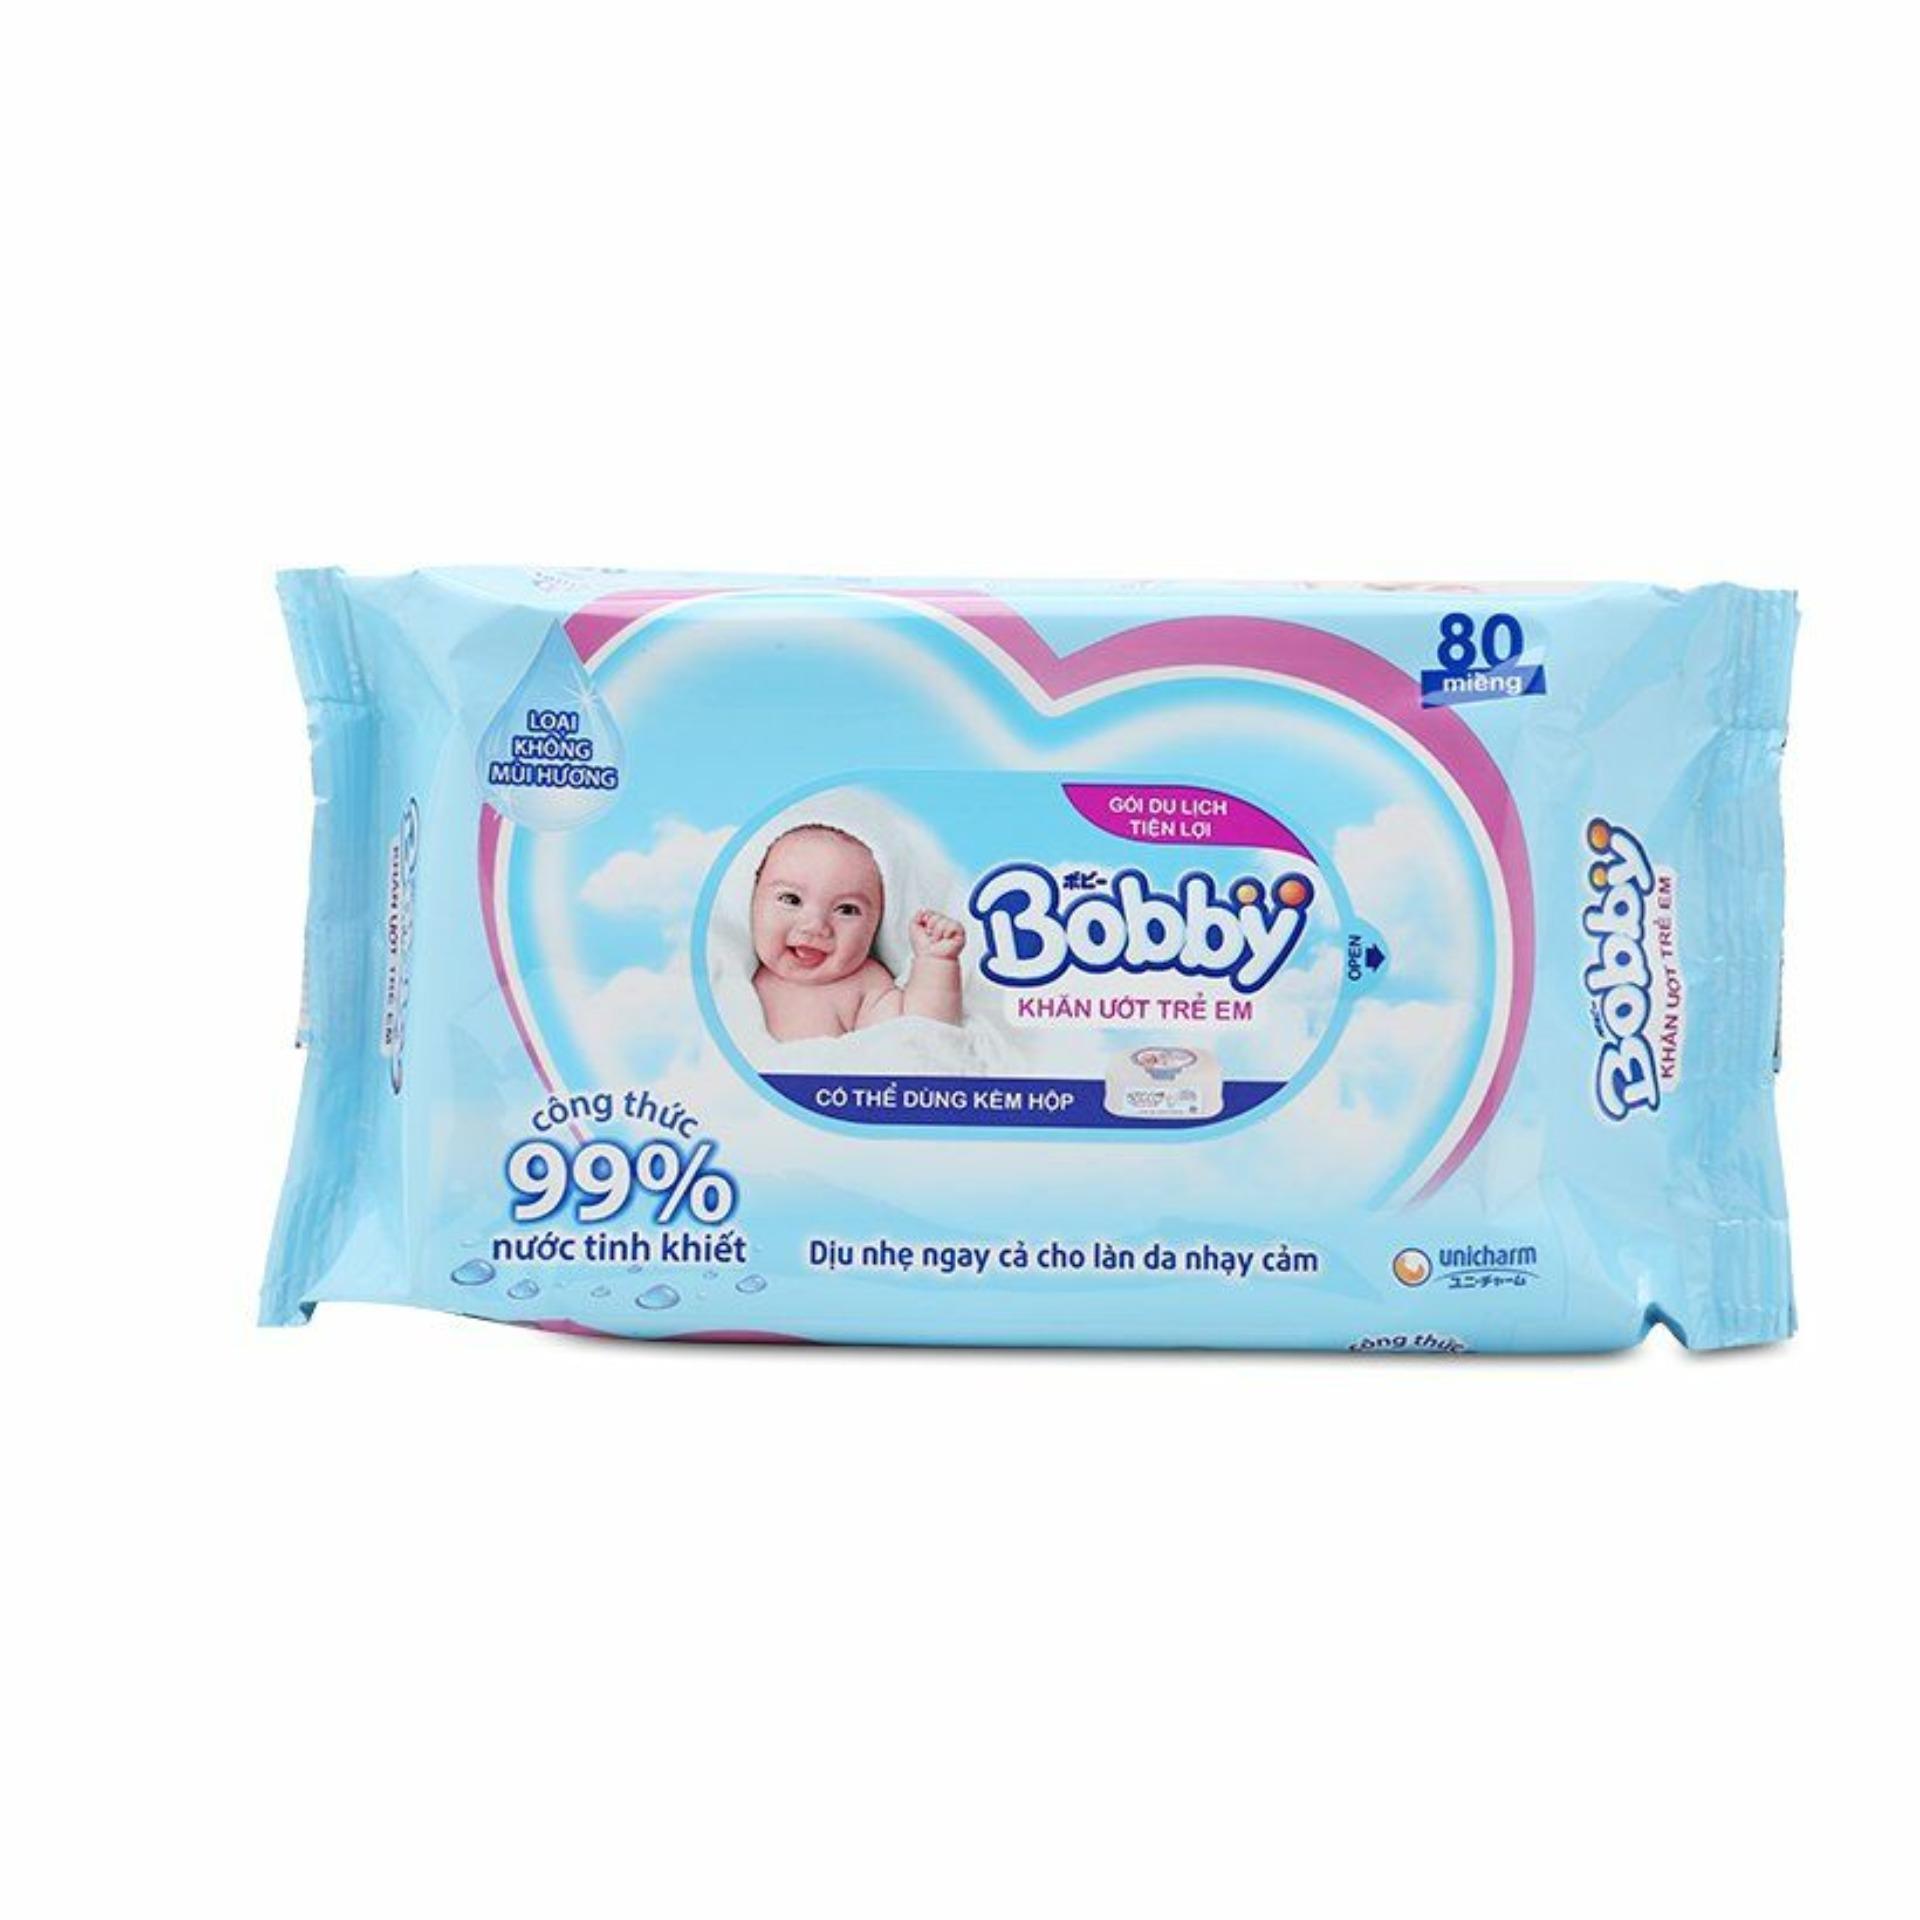 [Quà Tặng Không Bán] Khăn ướt Trẻ Em Bobby Care Bổ Sung Gói 80 Miếng (hàng Tặng Của S56) Có Giá Siêu Tốt